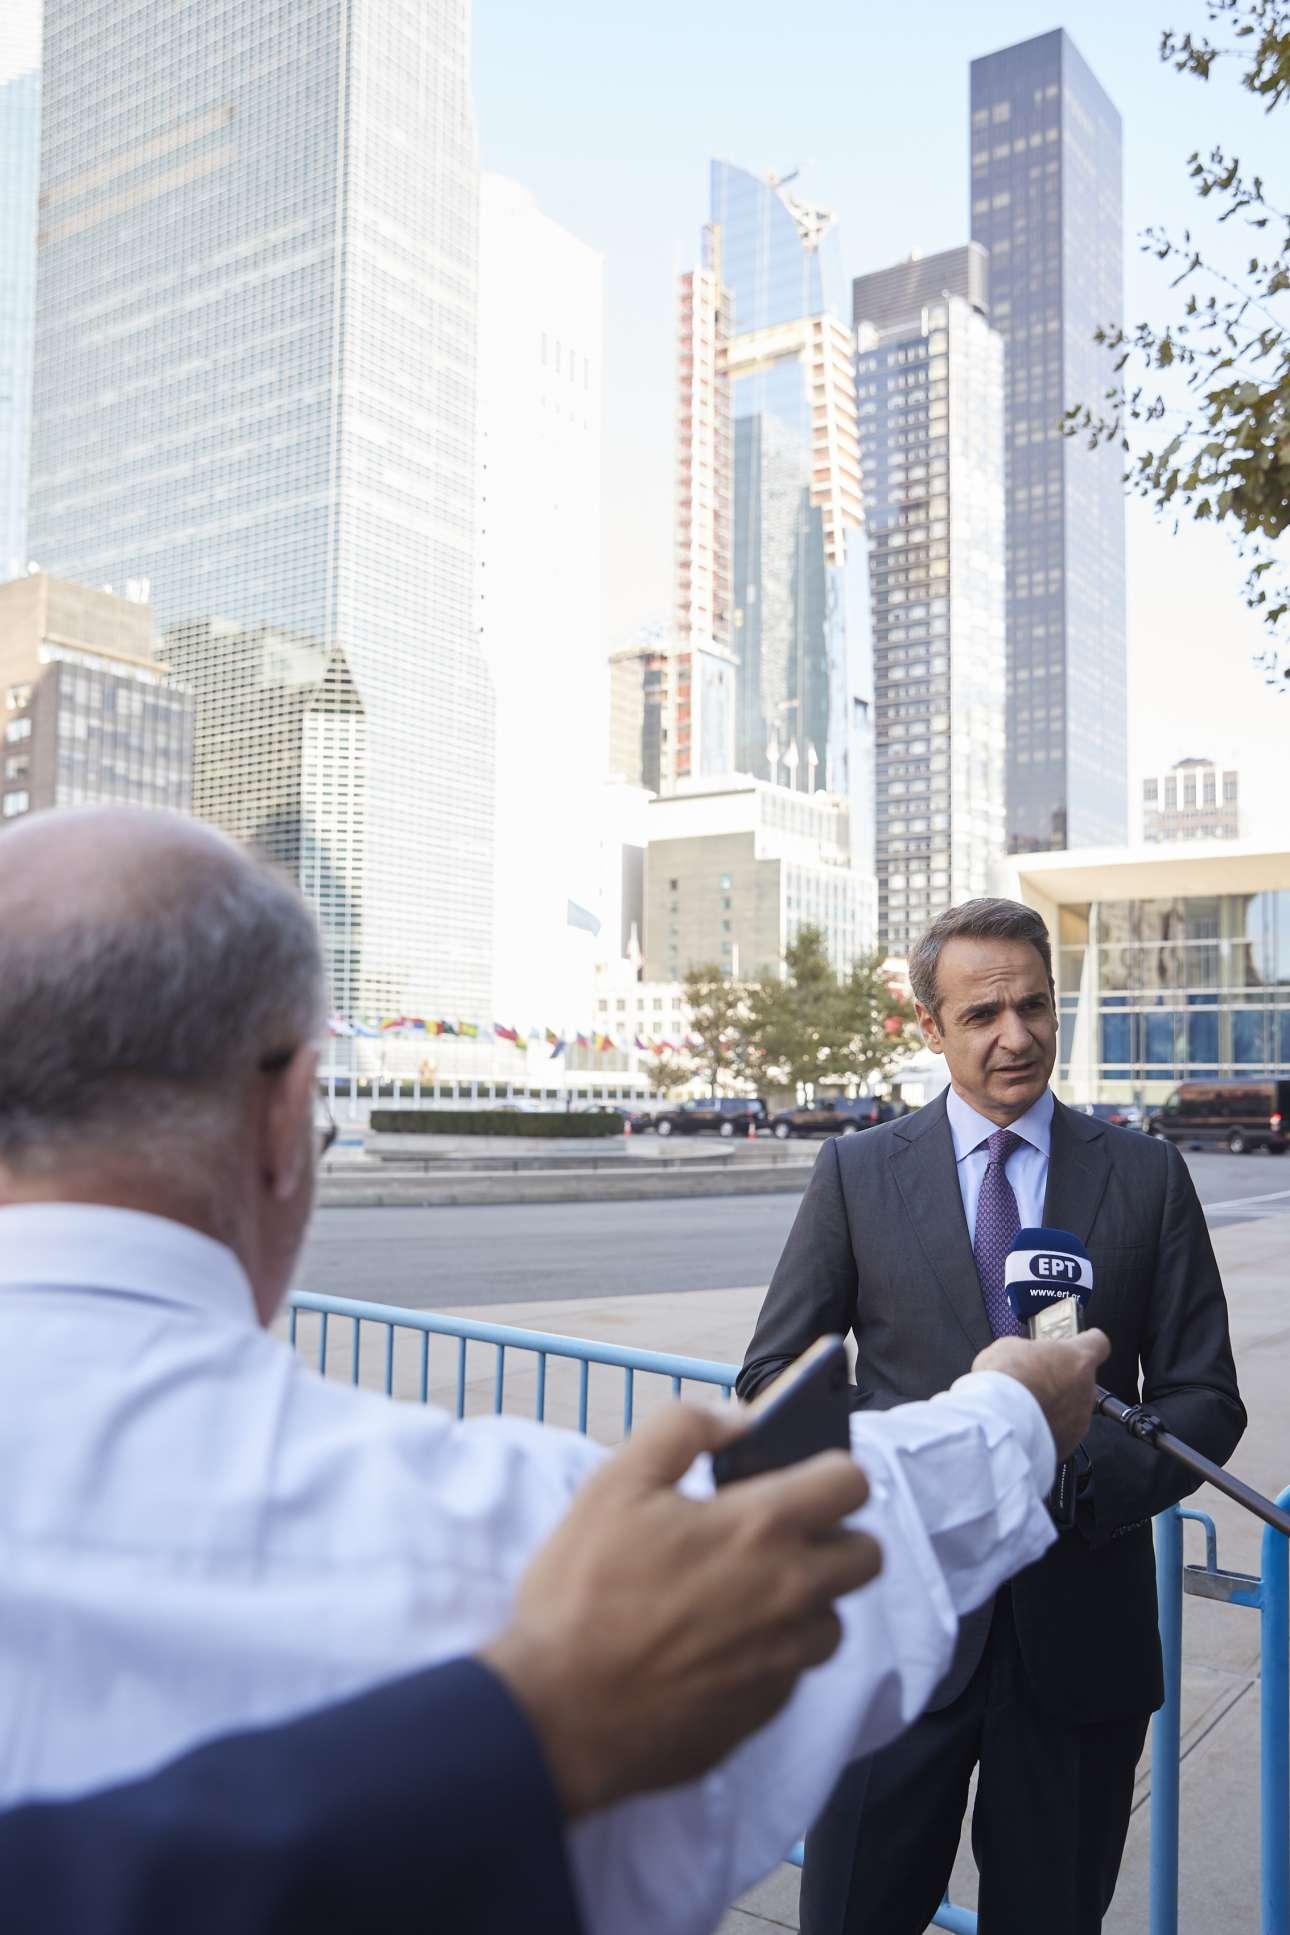 Μιλώντας σε δημοσιογράφους μετά τη συνάντησή του με τον γενικό γραμματέα του ΟΗΕ Αντόνιο Γκουτέρες